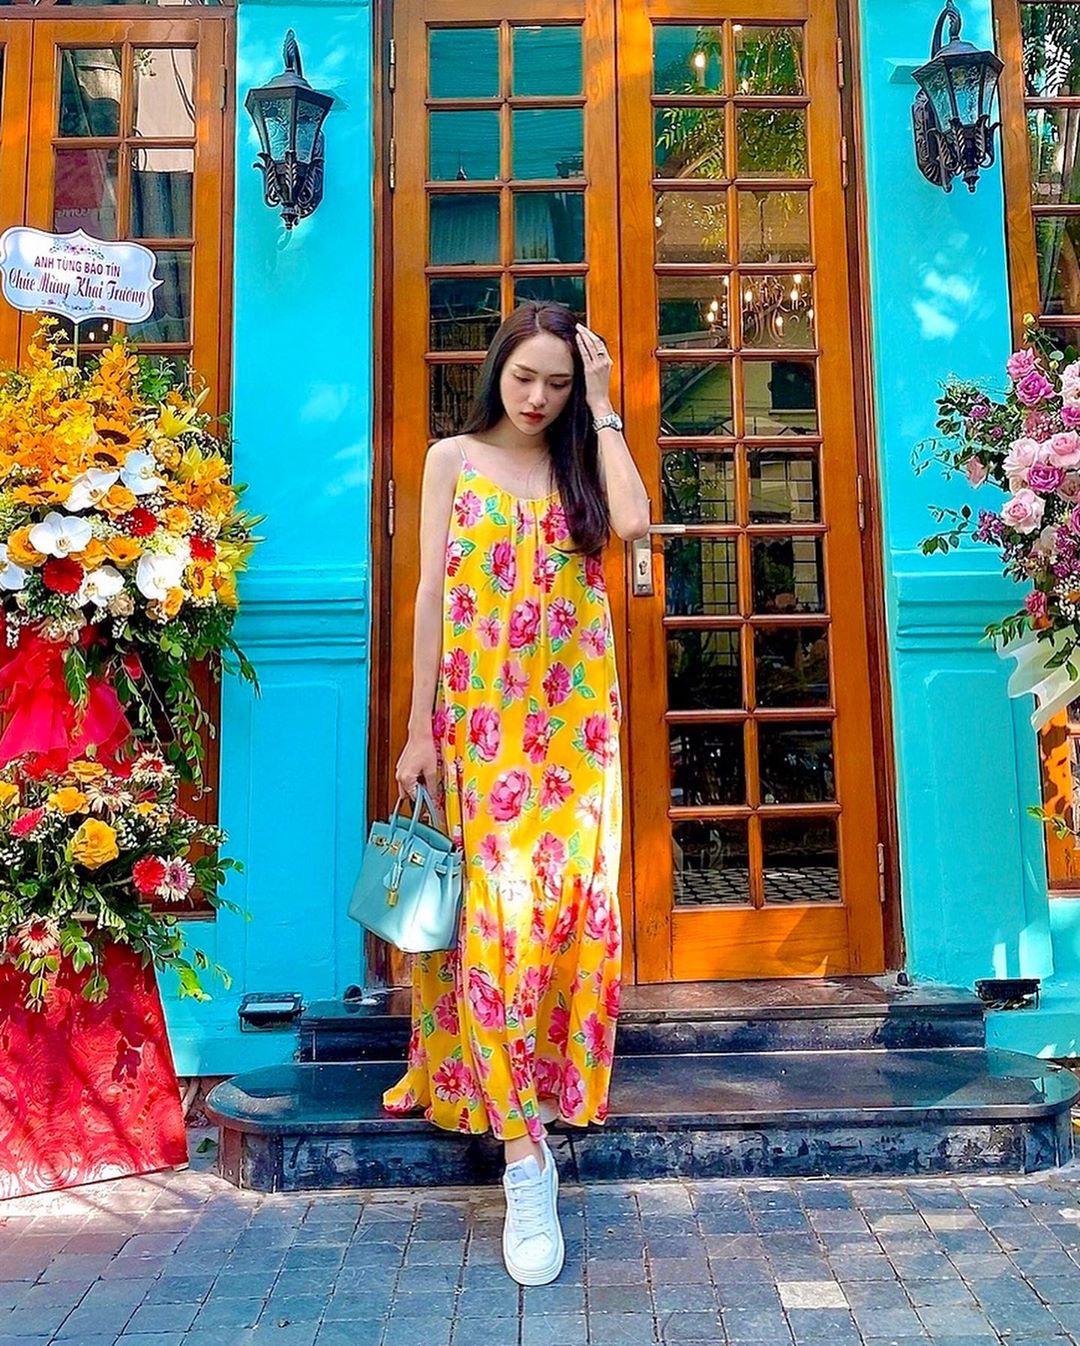 Nhìn Hương Giang, chị em biết đôi sneaker trắng vi điệu đến thế nào - Ảnh 1.